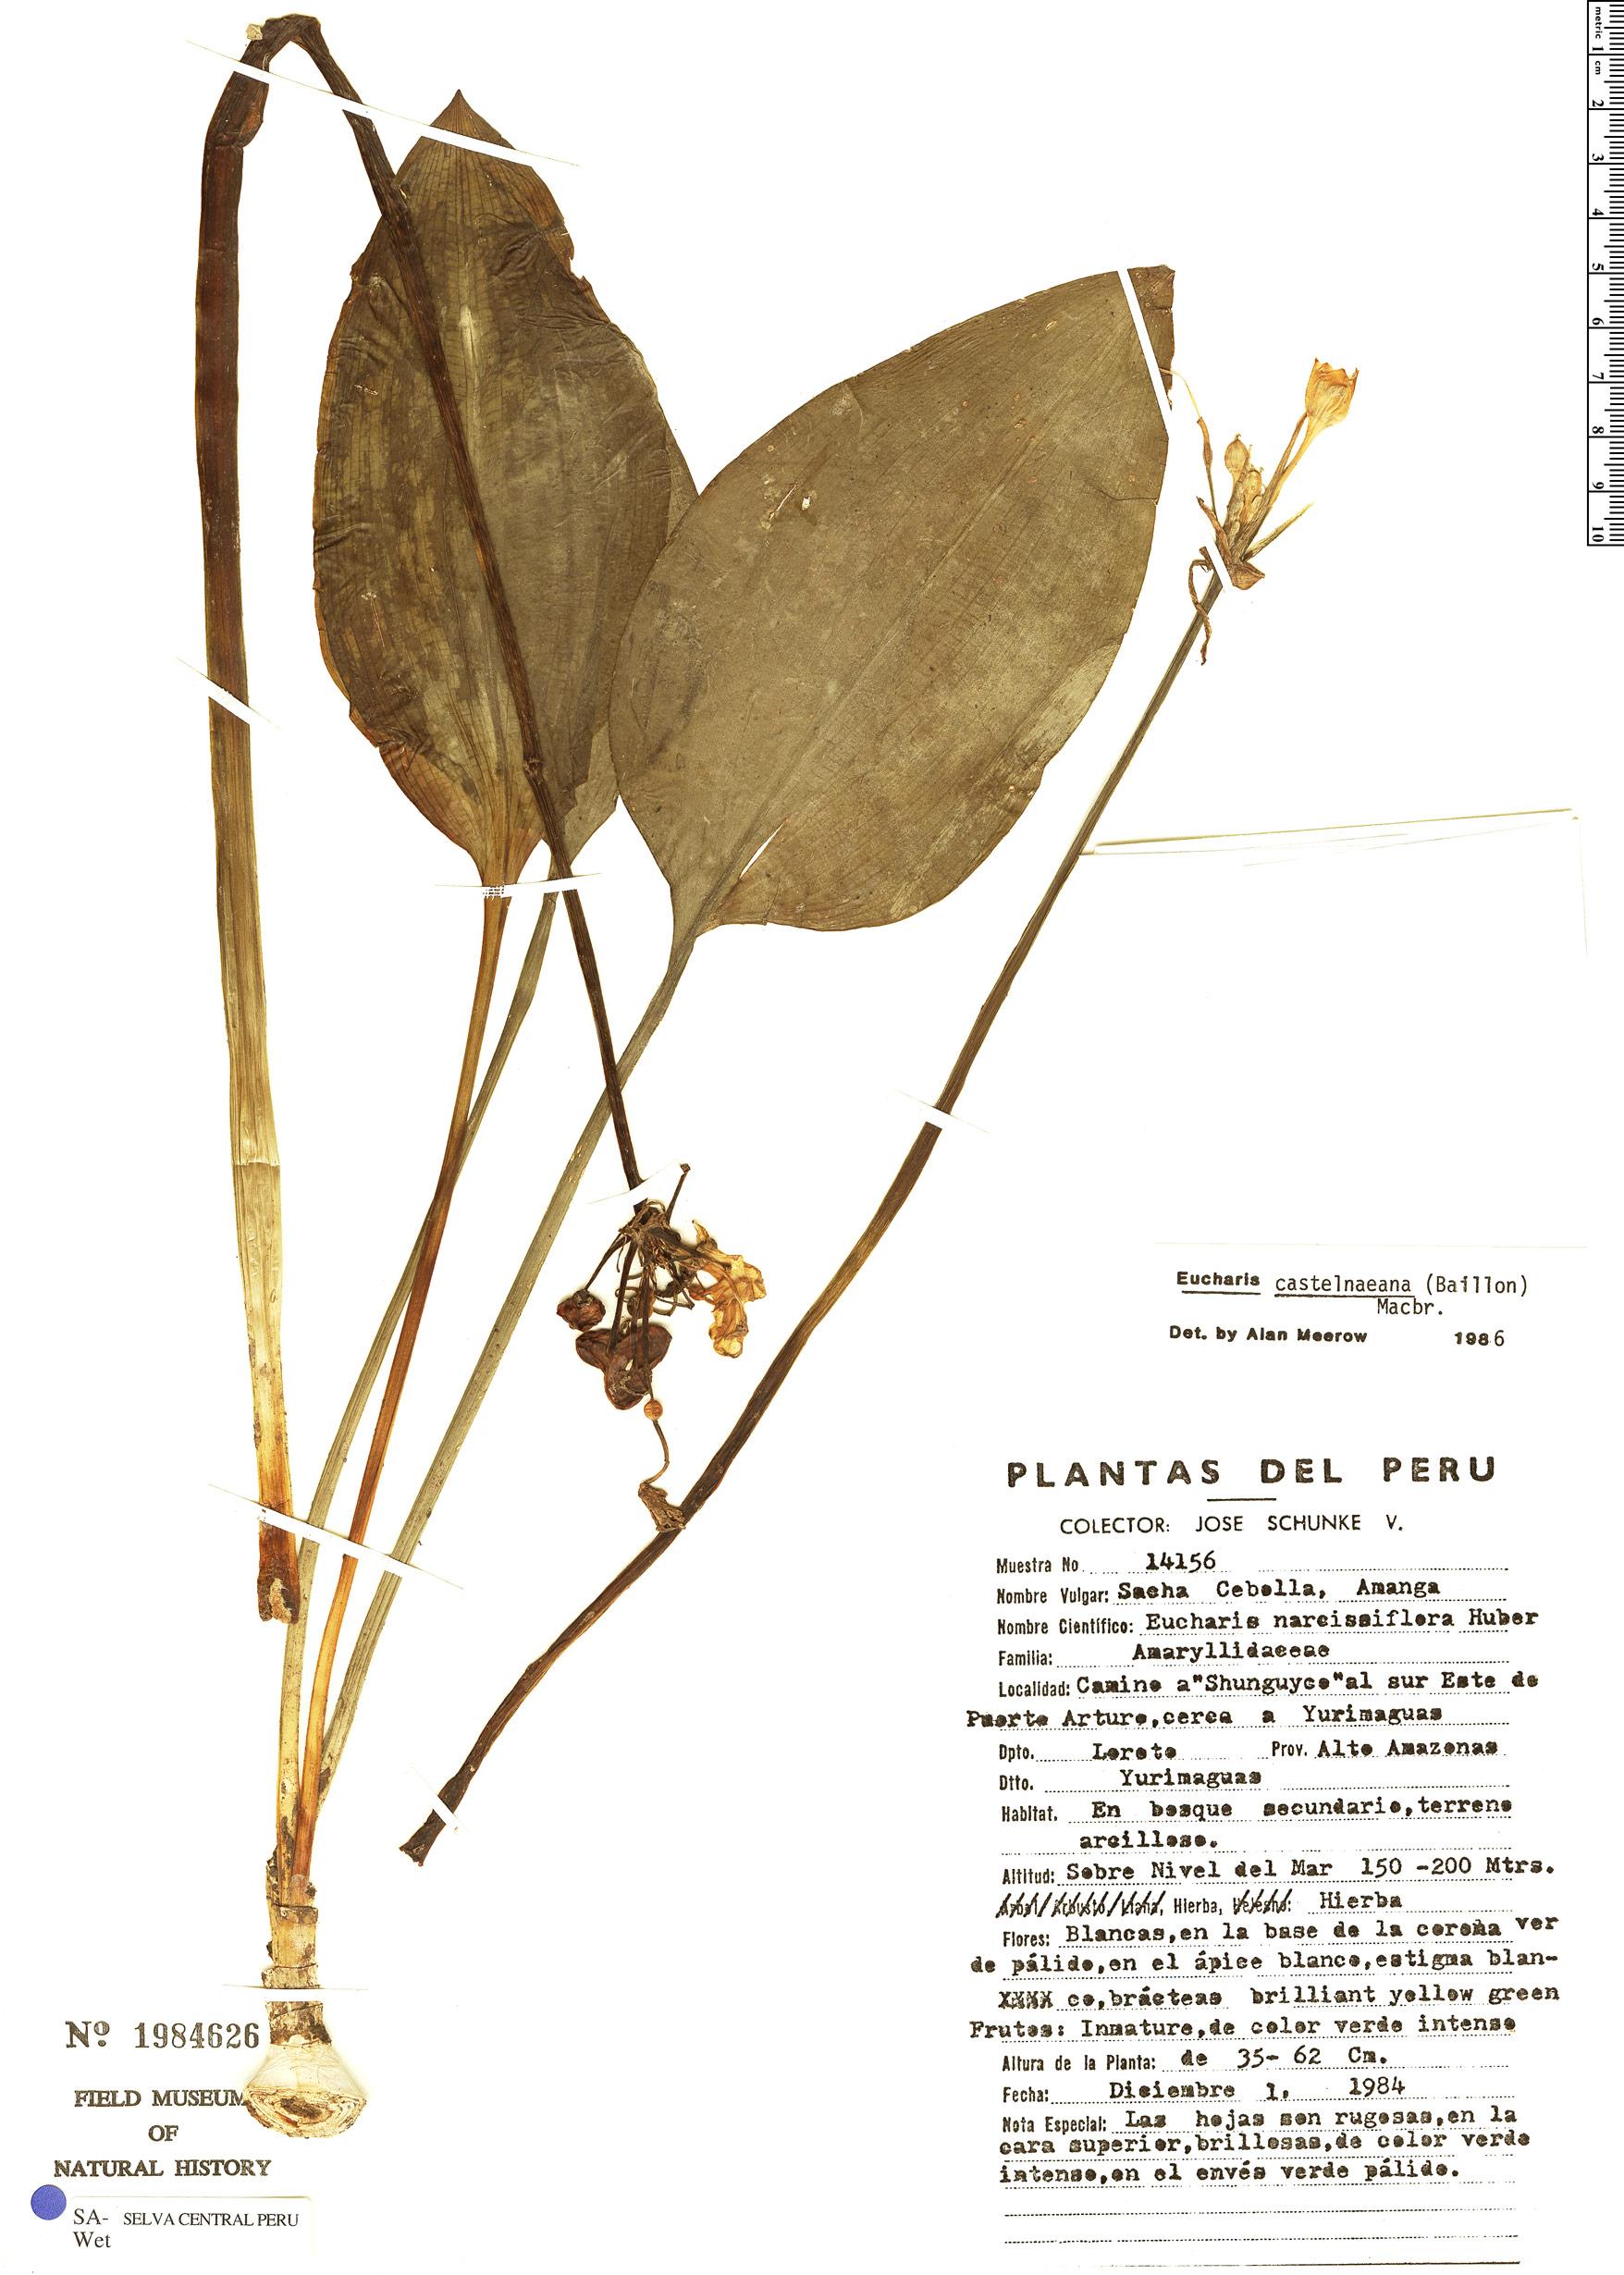 Specimen: Eucharis castelnaeana